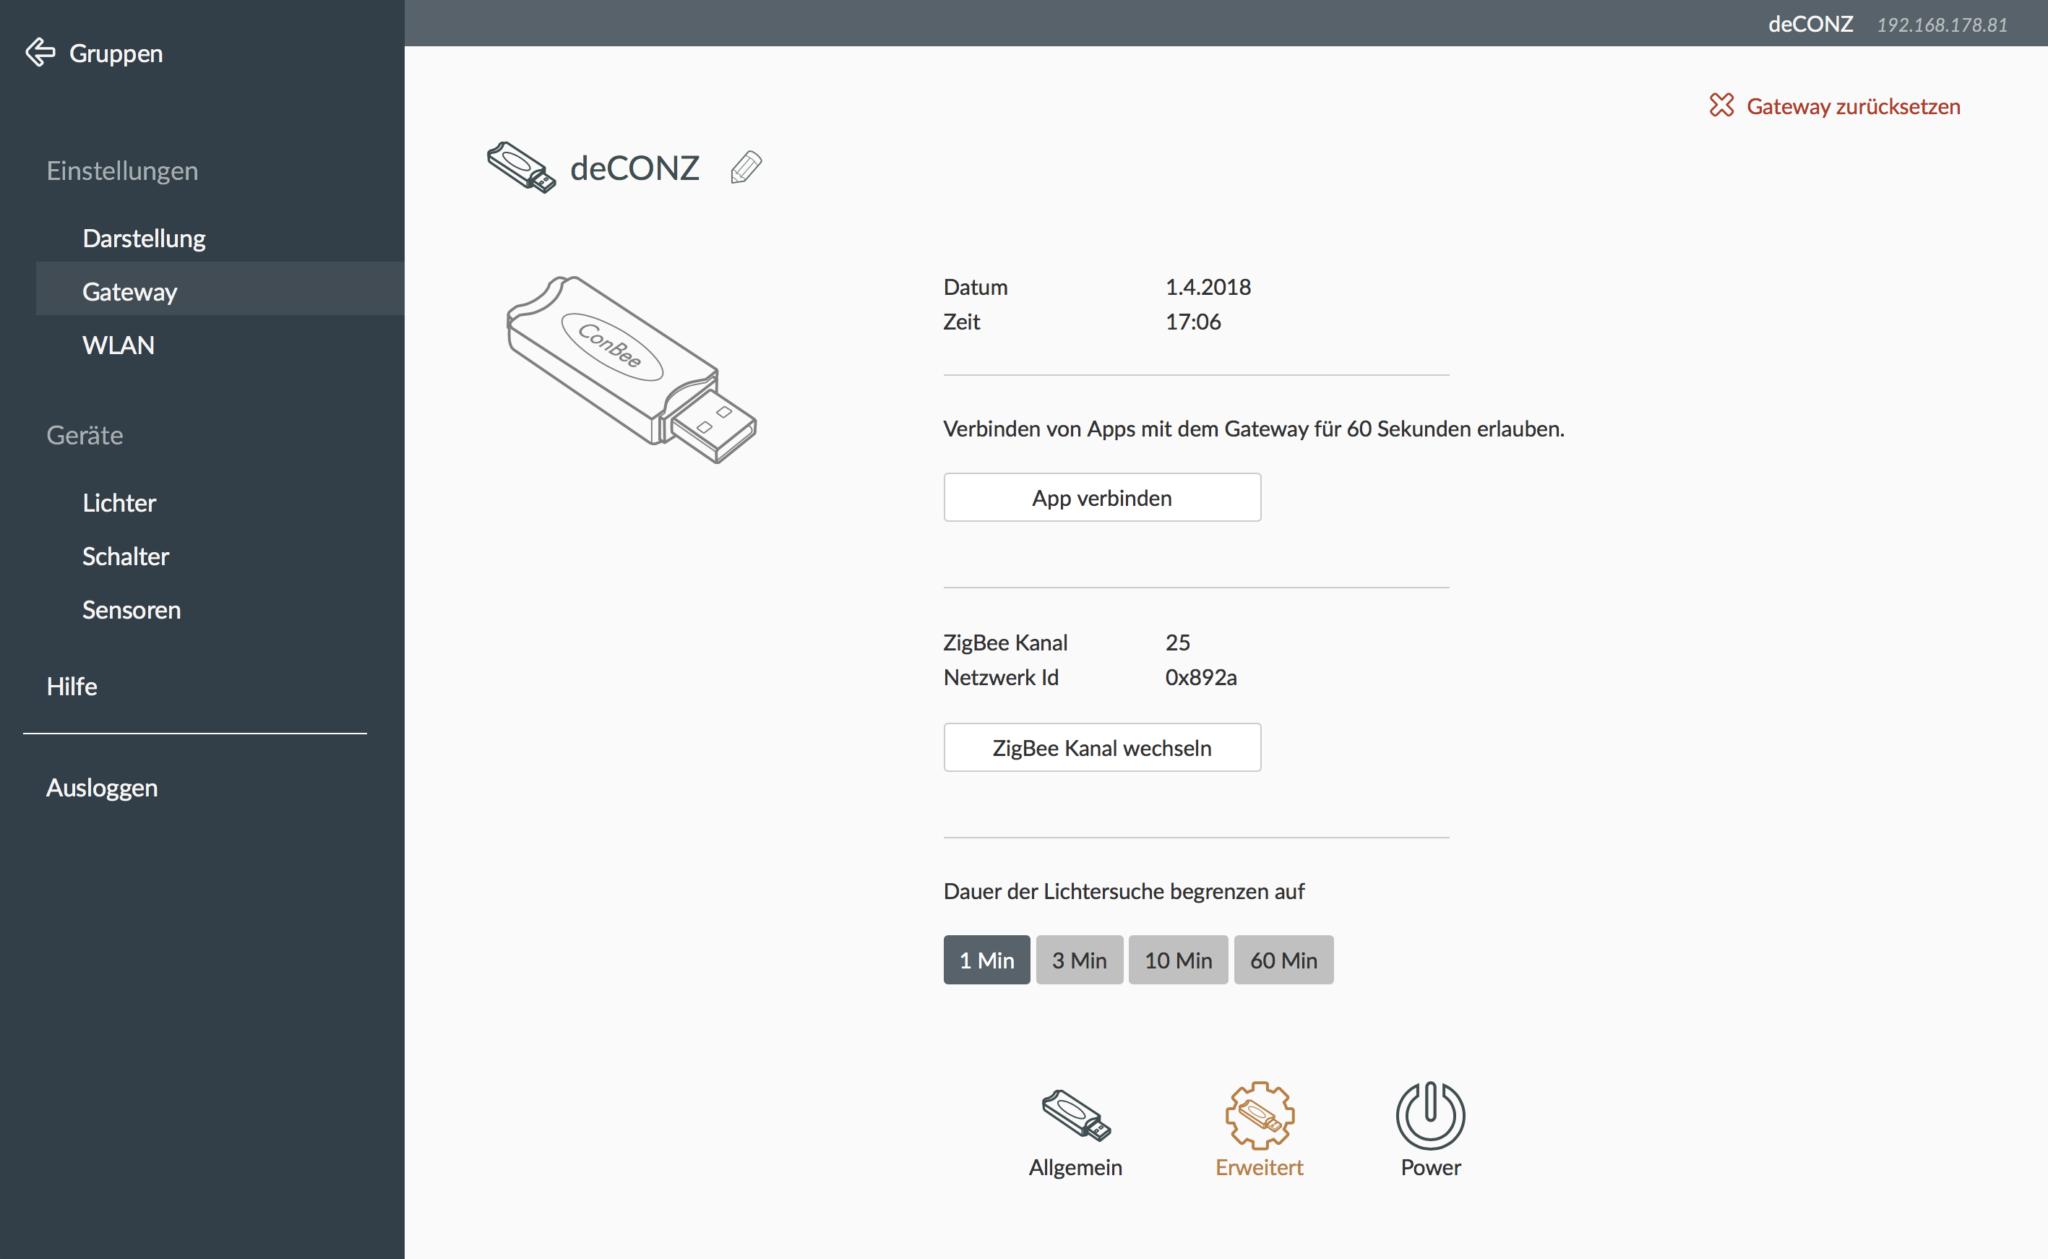 deCONZ Web-Ui mit erweiterten Gateway Einstellungen